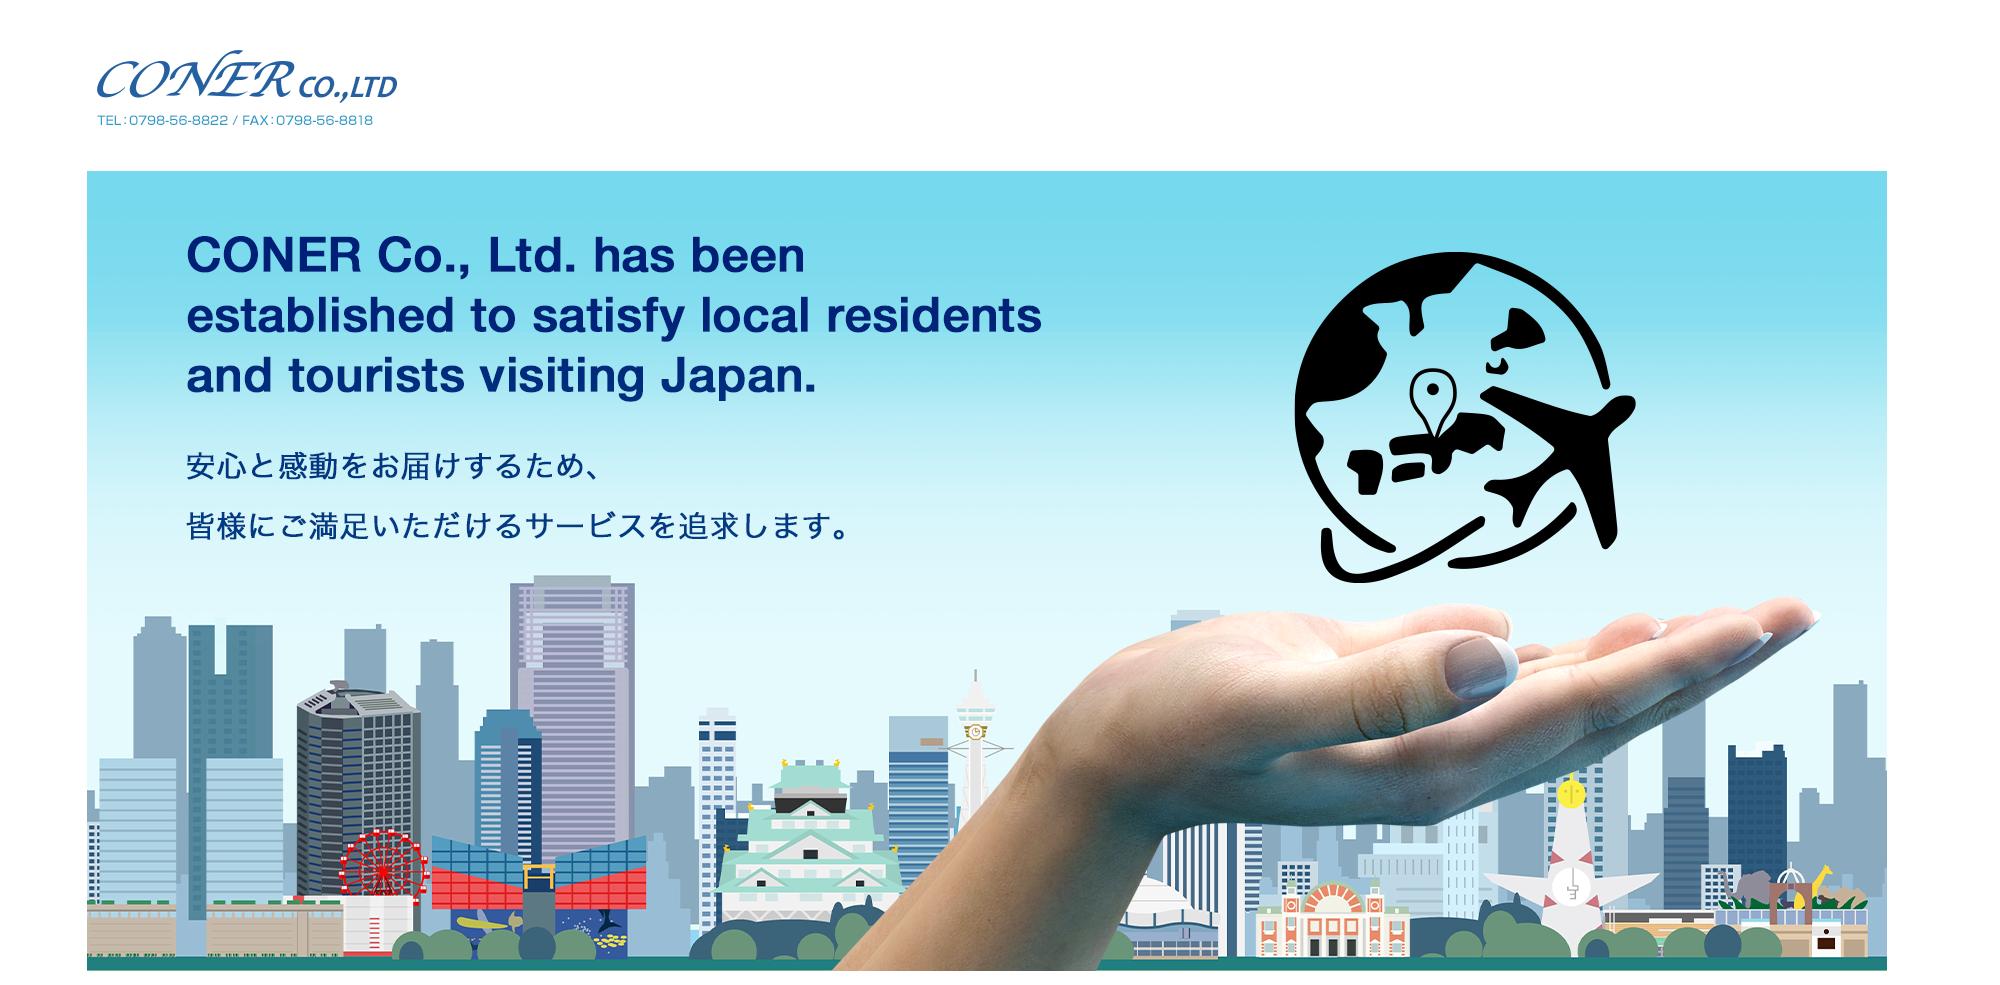 日本を訪れる地元住民や観光客を満足させるために設立